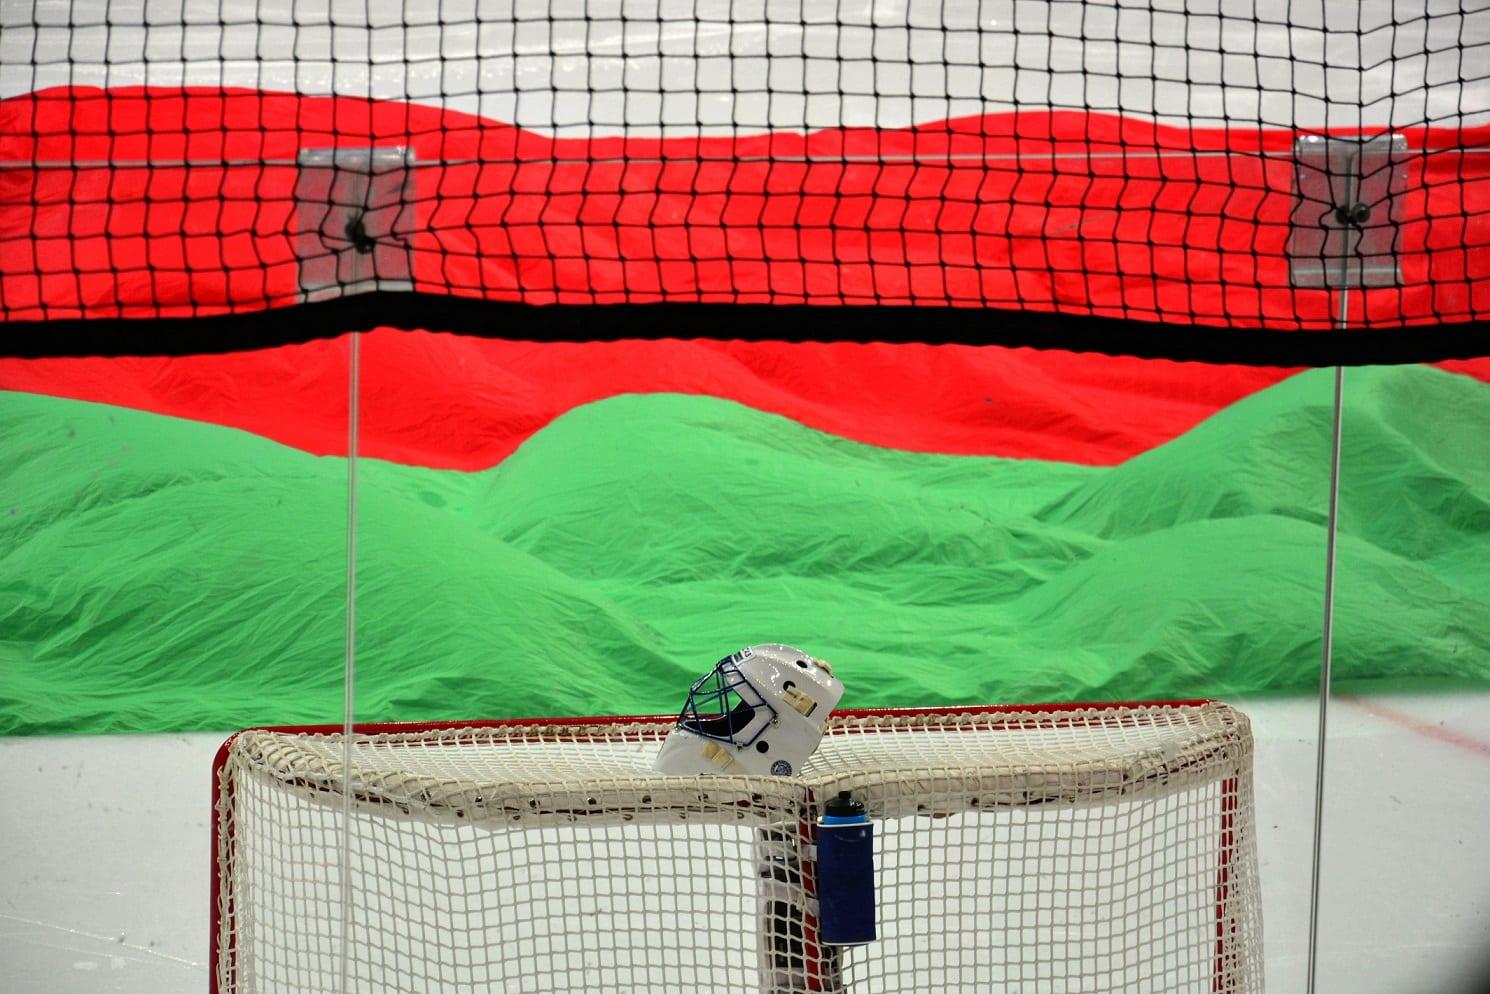 Hokej na lodzie, Białoruś bramka z kaskiem